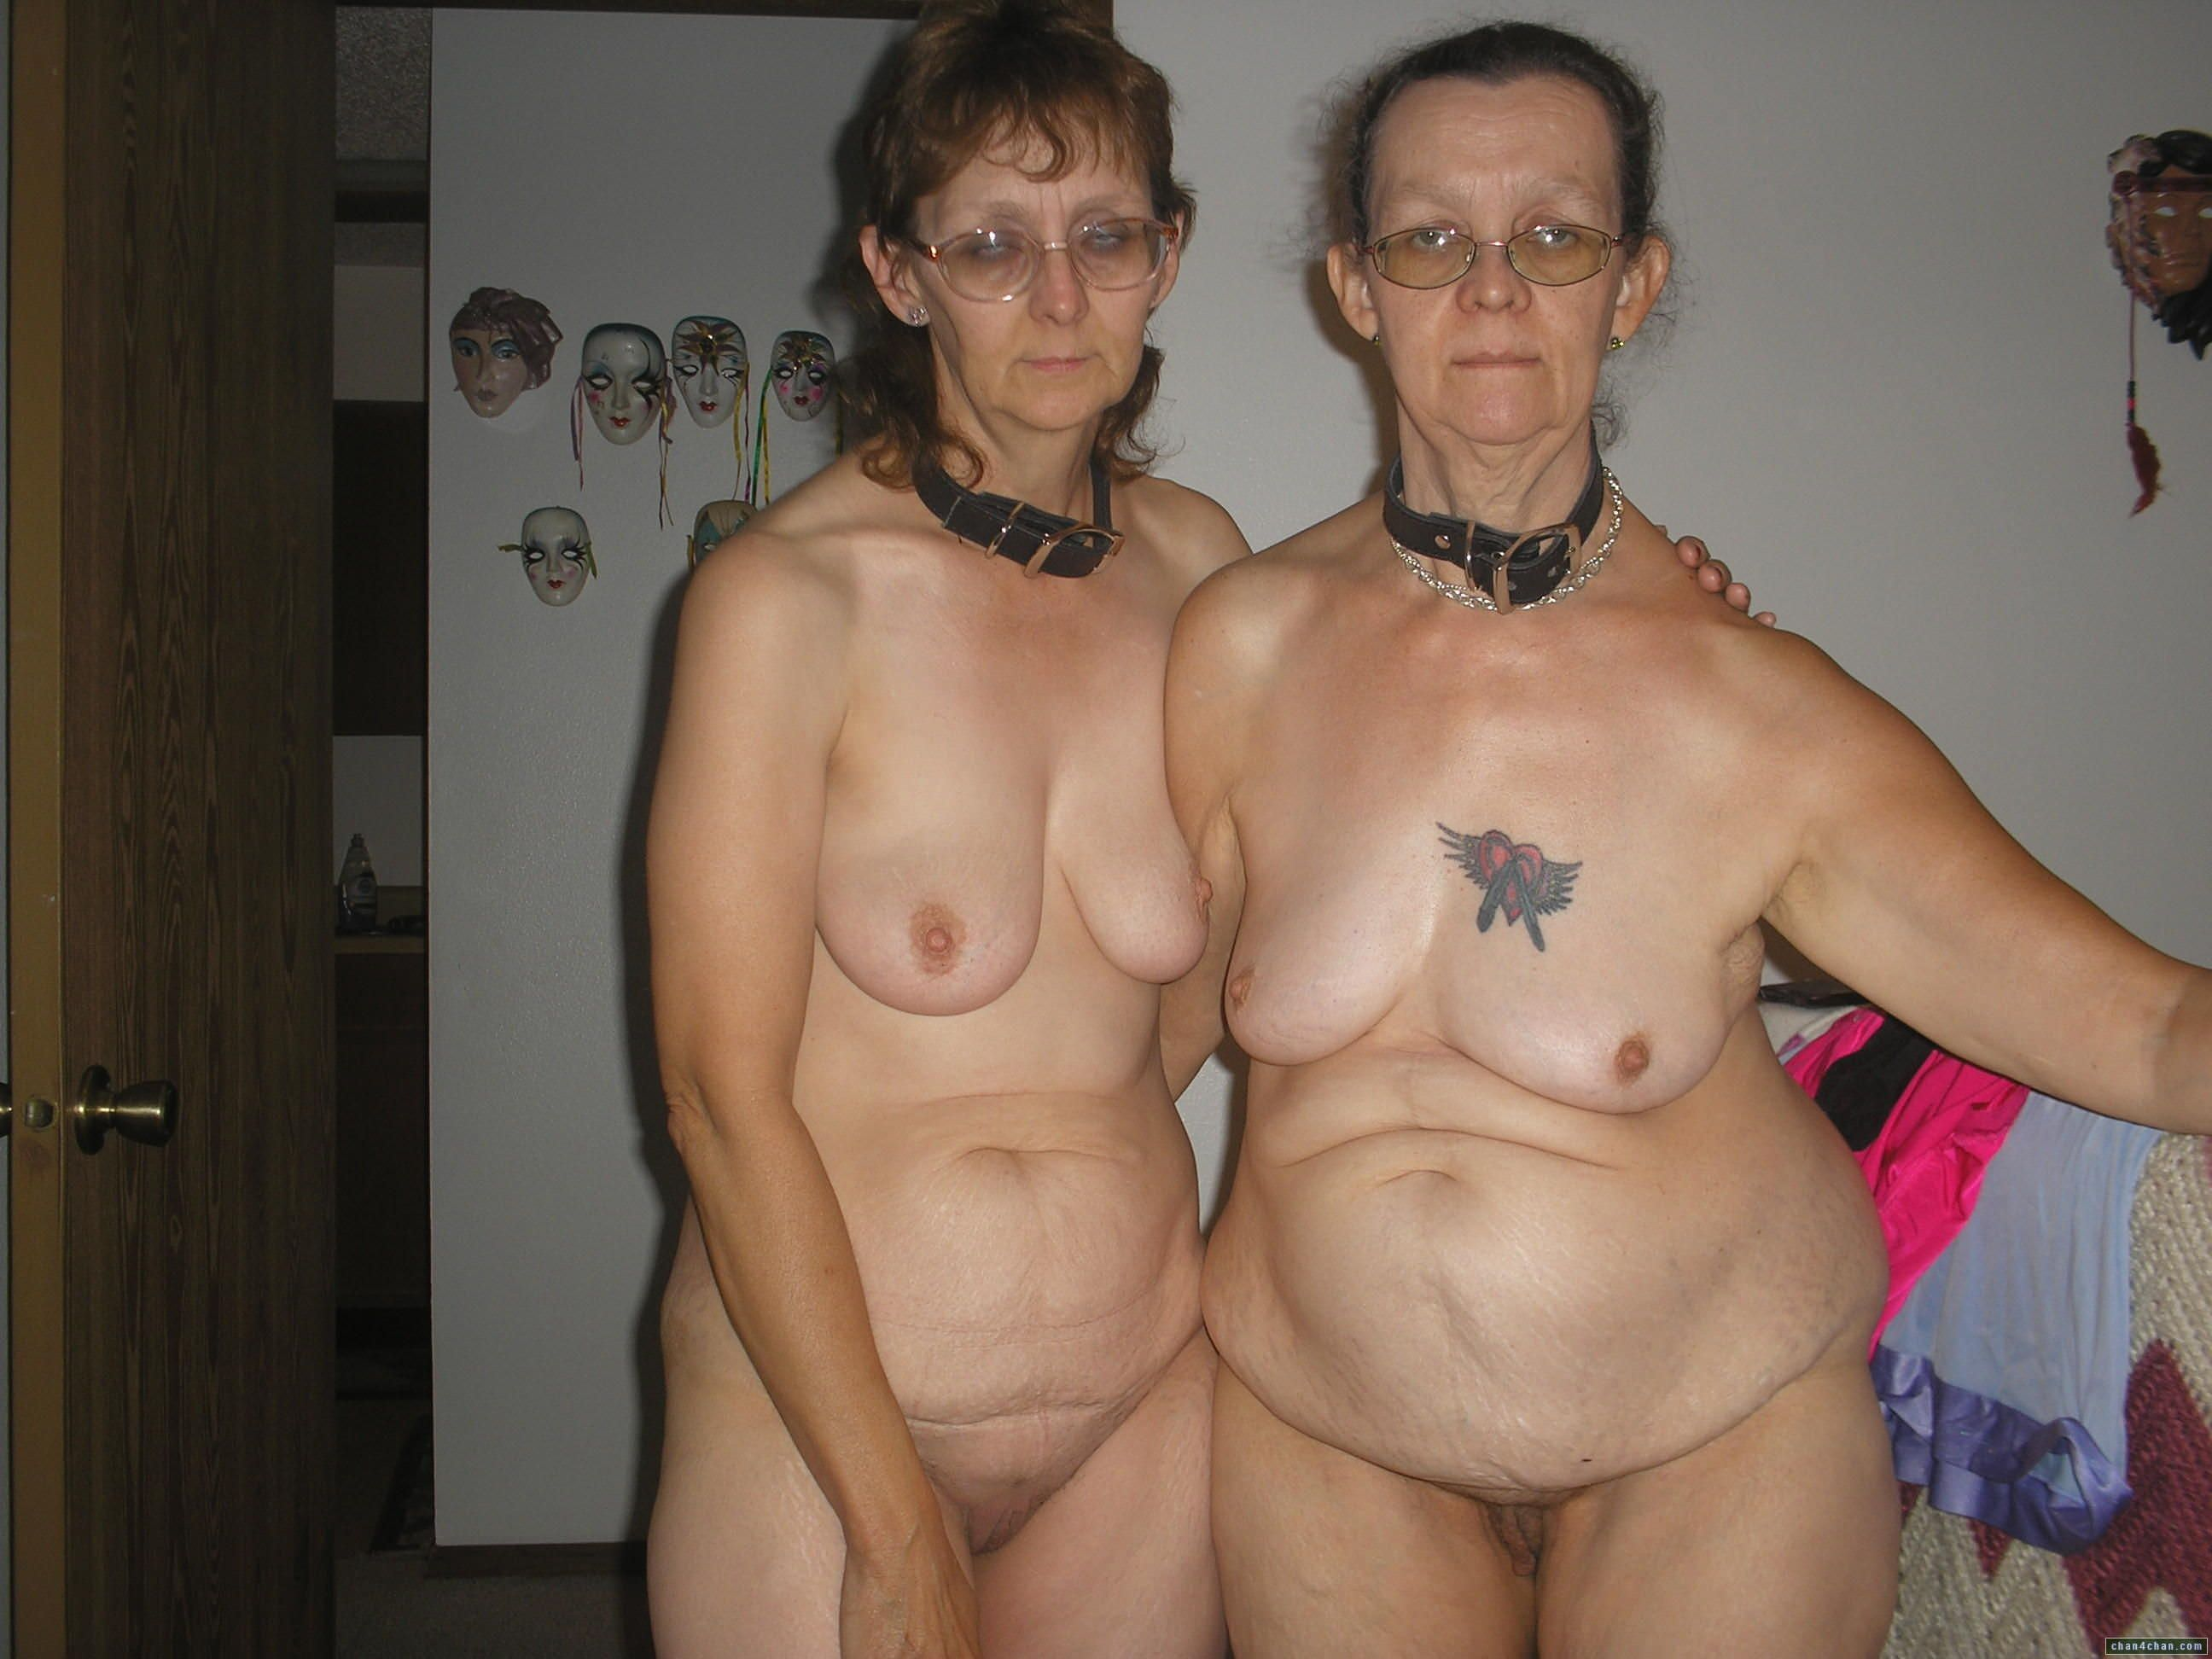 Image 5: Les nouvelles photos de femme moche nue